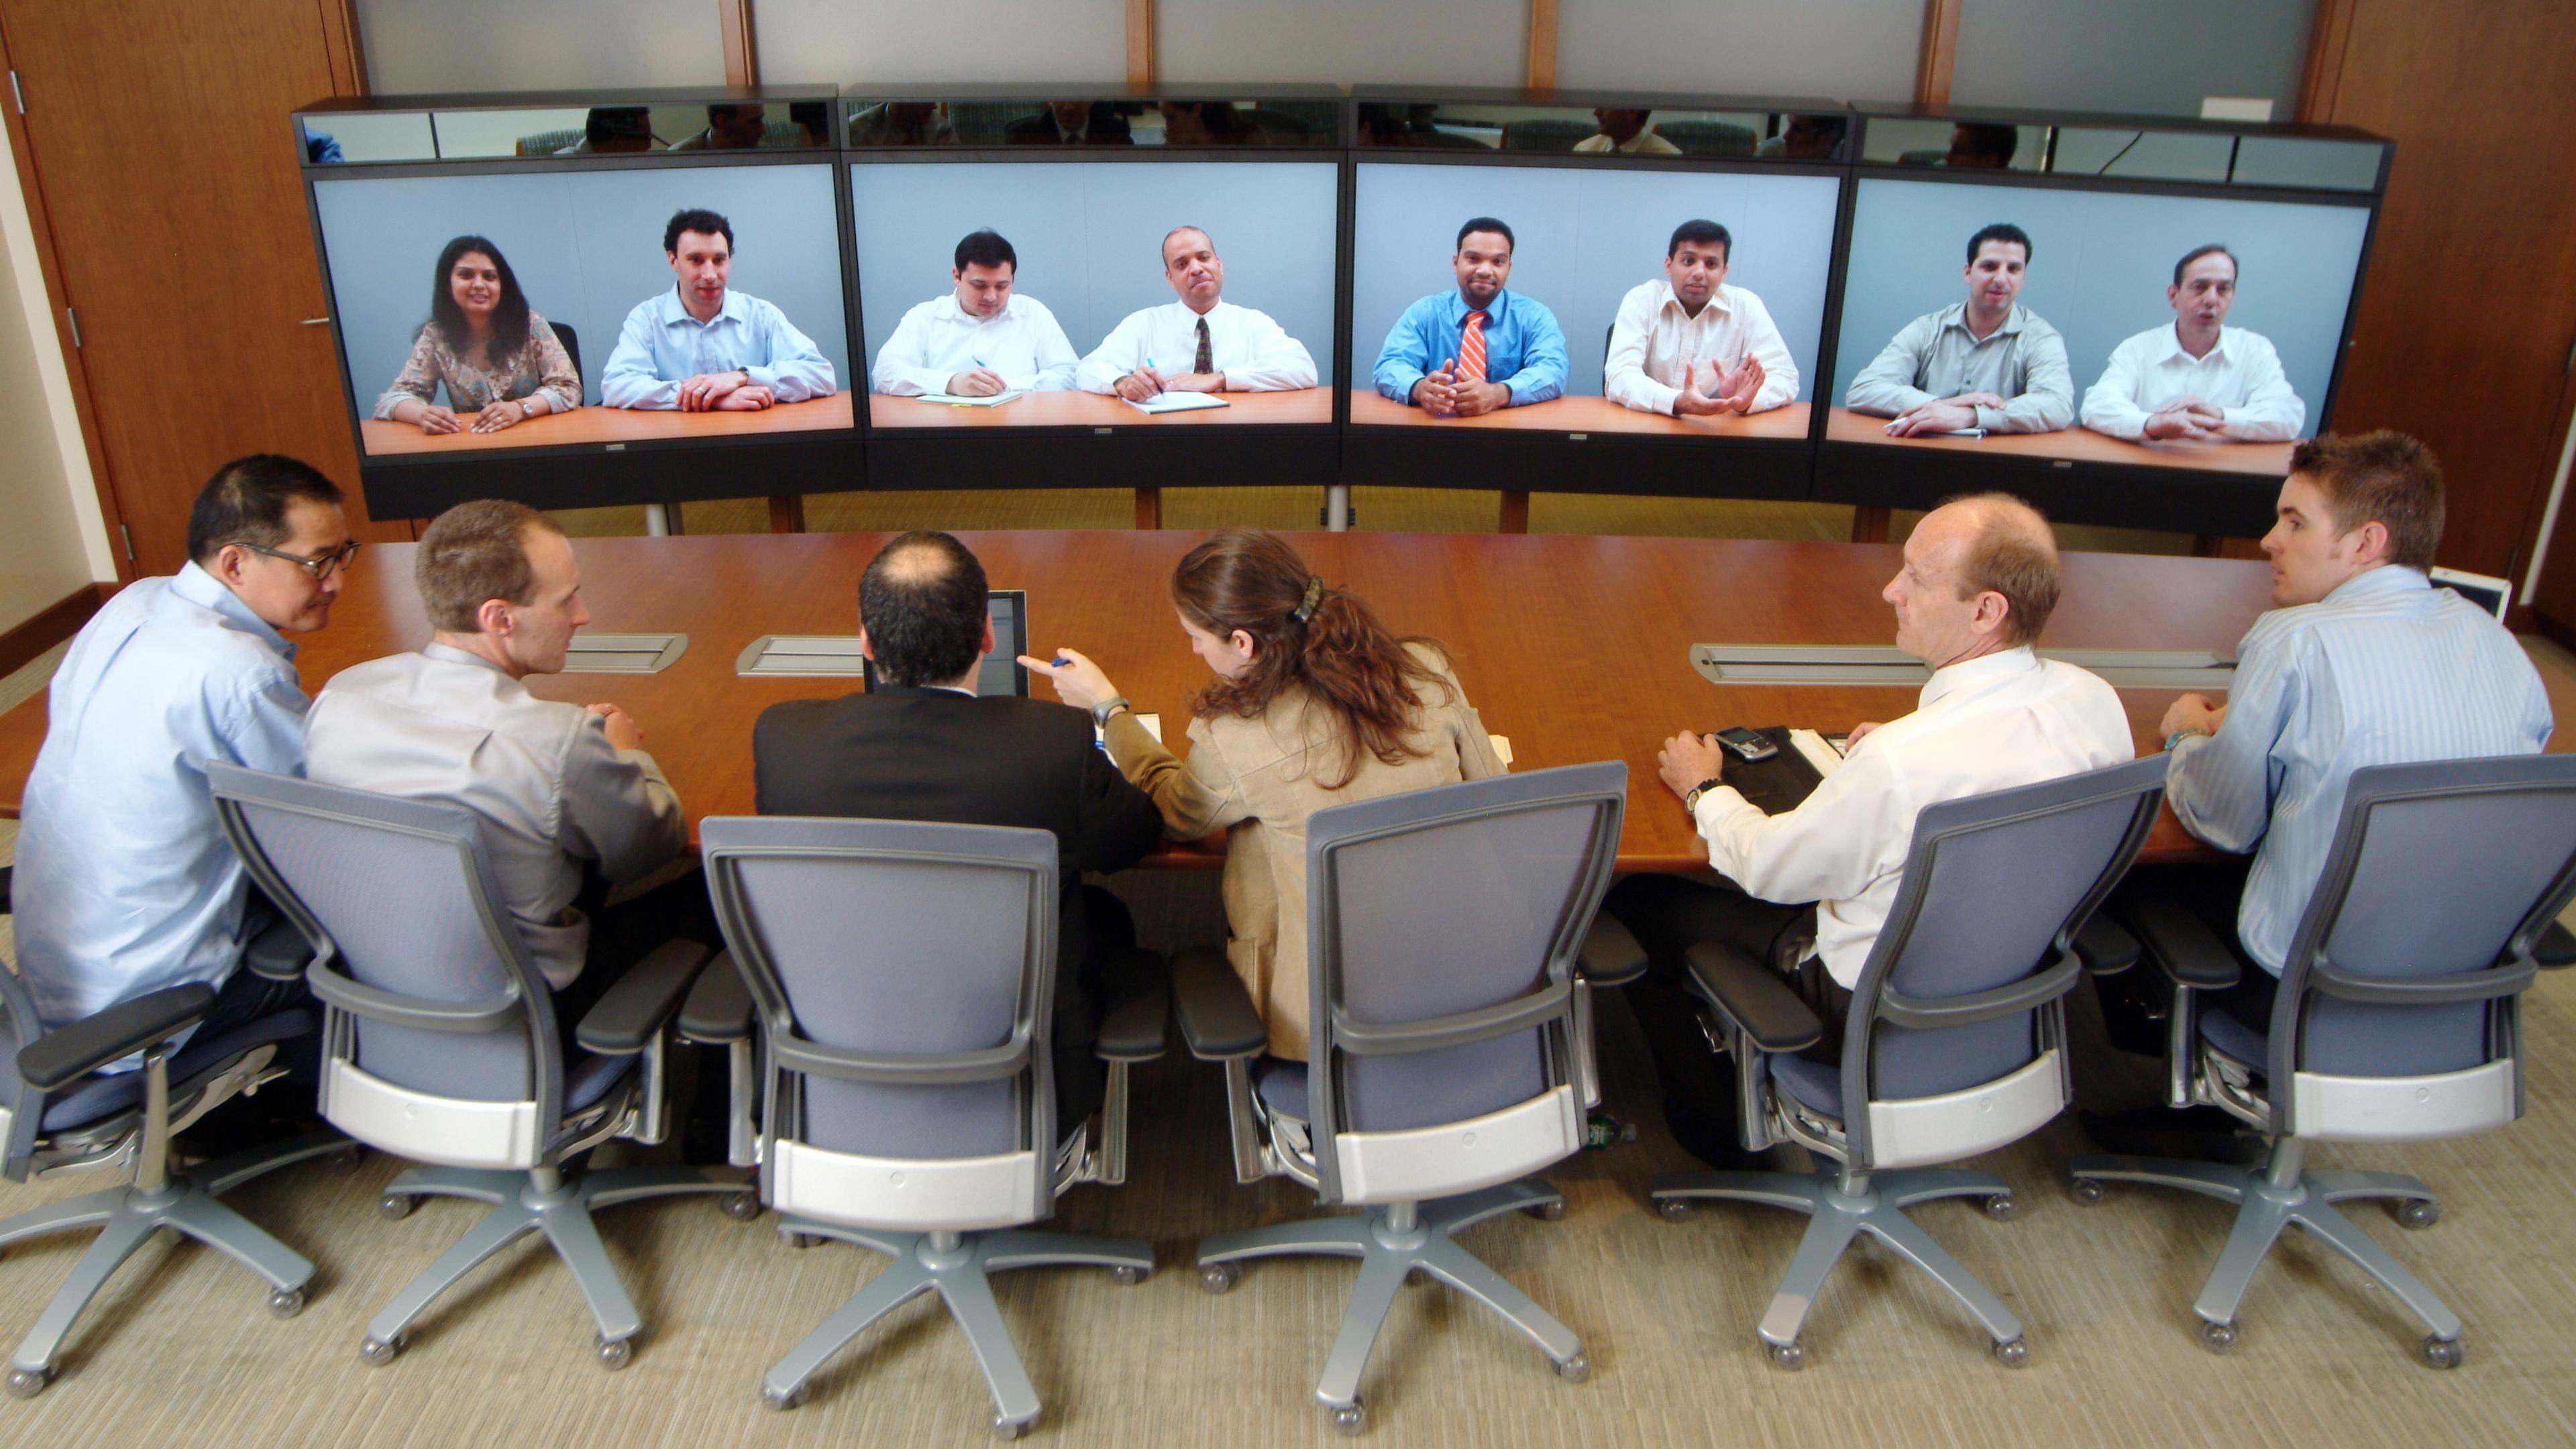 Выяснилось, что женщины устают от видеозвонков сильнее мужчин